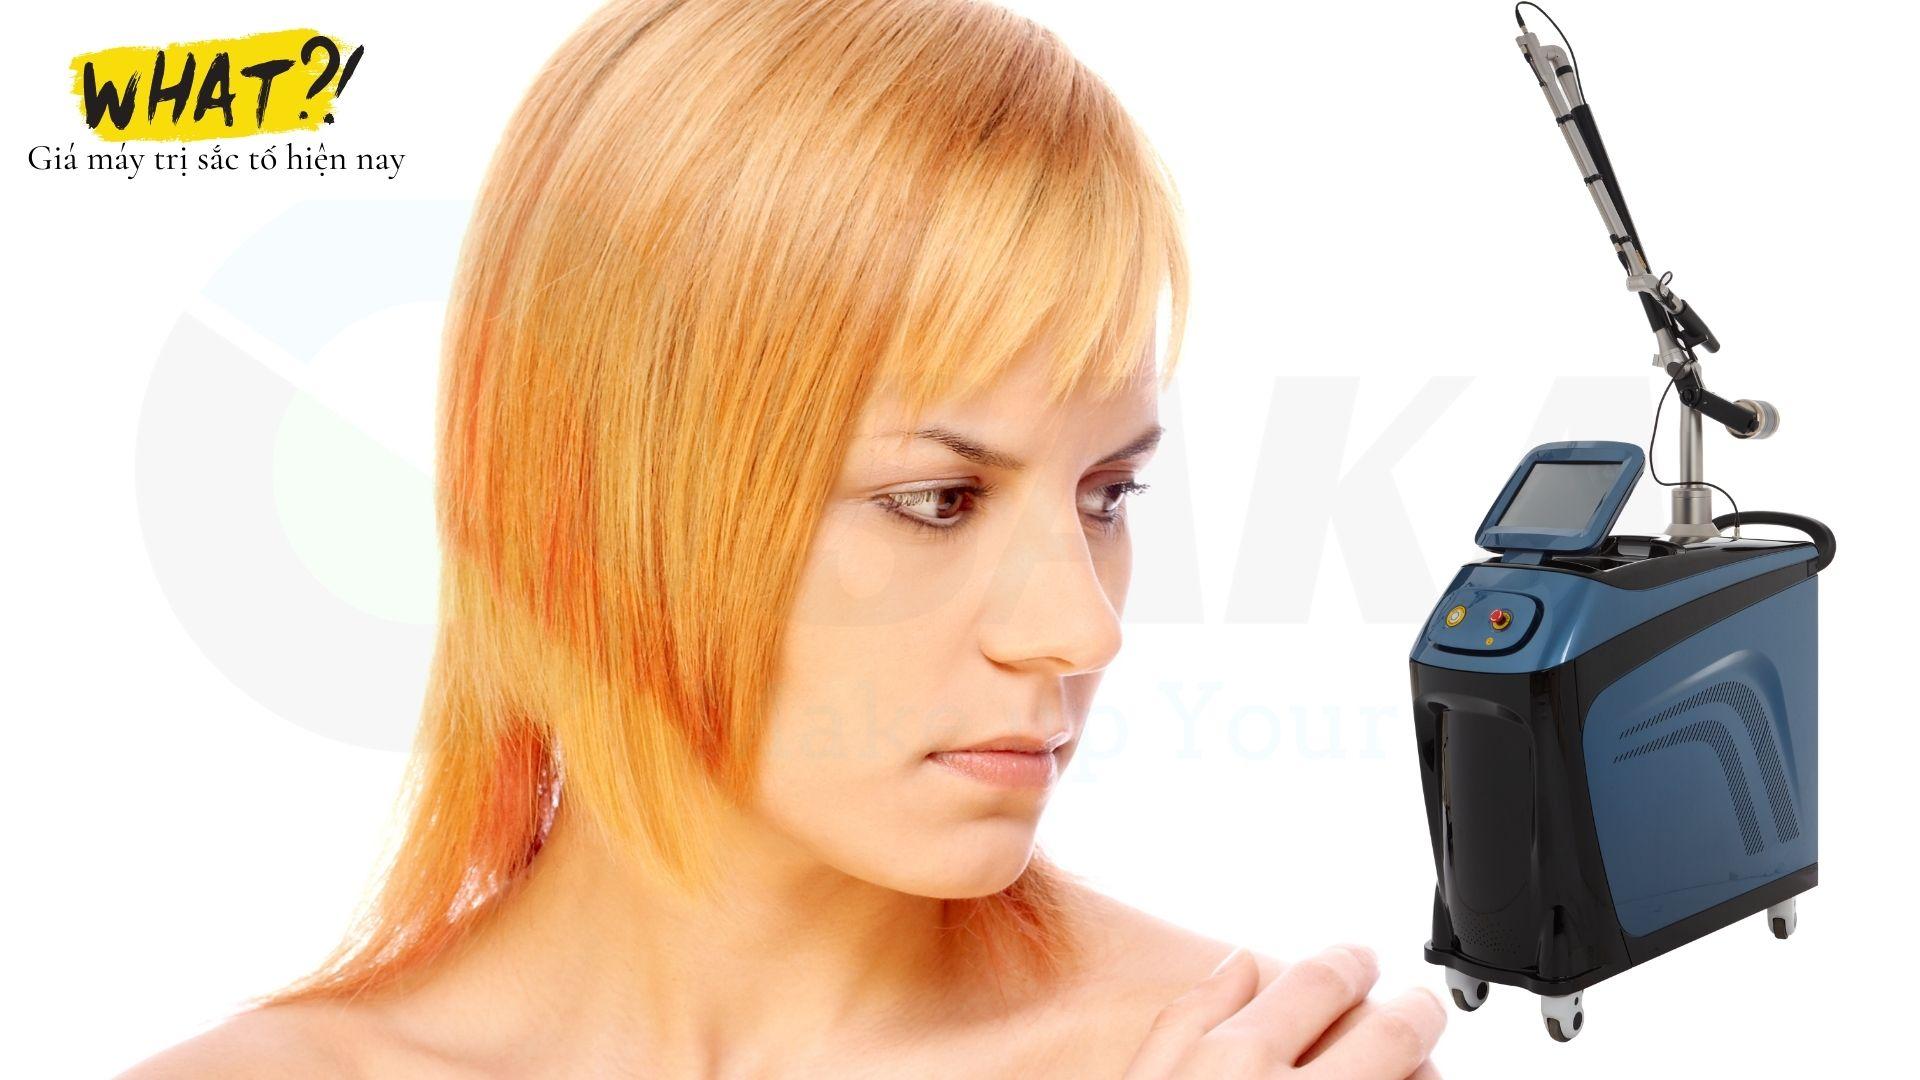 Giá máy điều trị sắc tố hiện nay